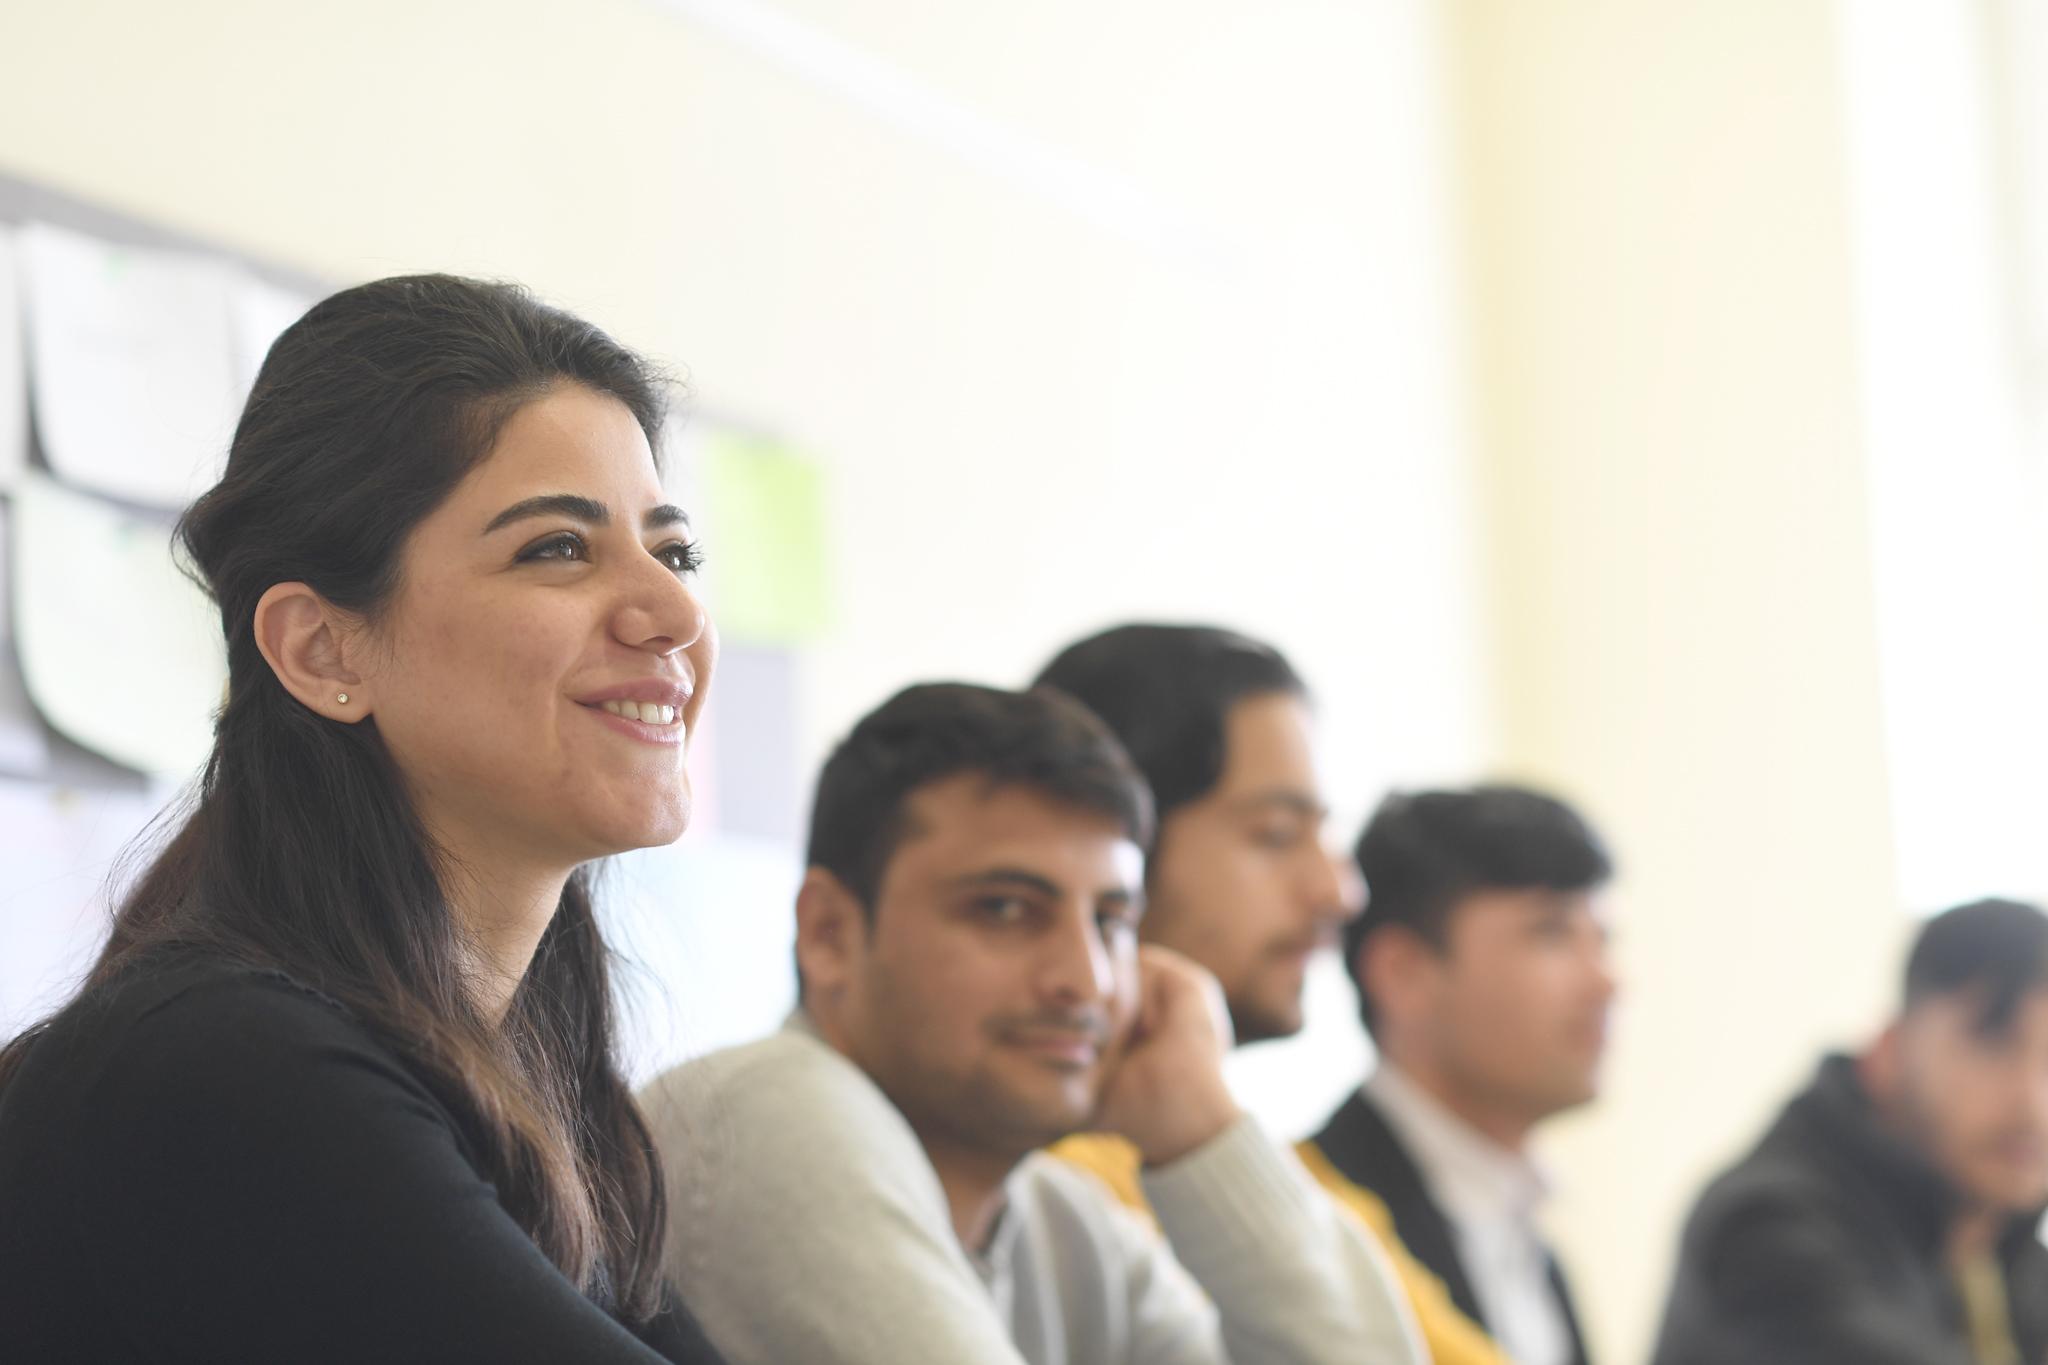 Workshop für Frauen und Männer: Lebensplanung und Ziele (In Farsi/Dari)